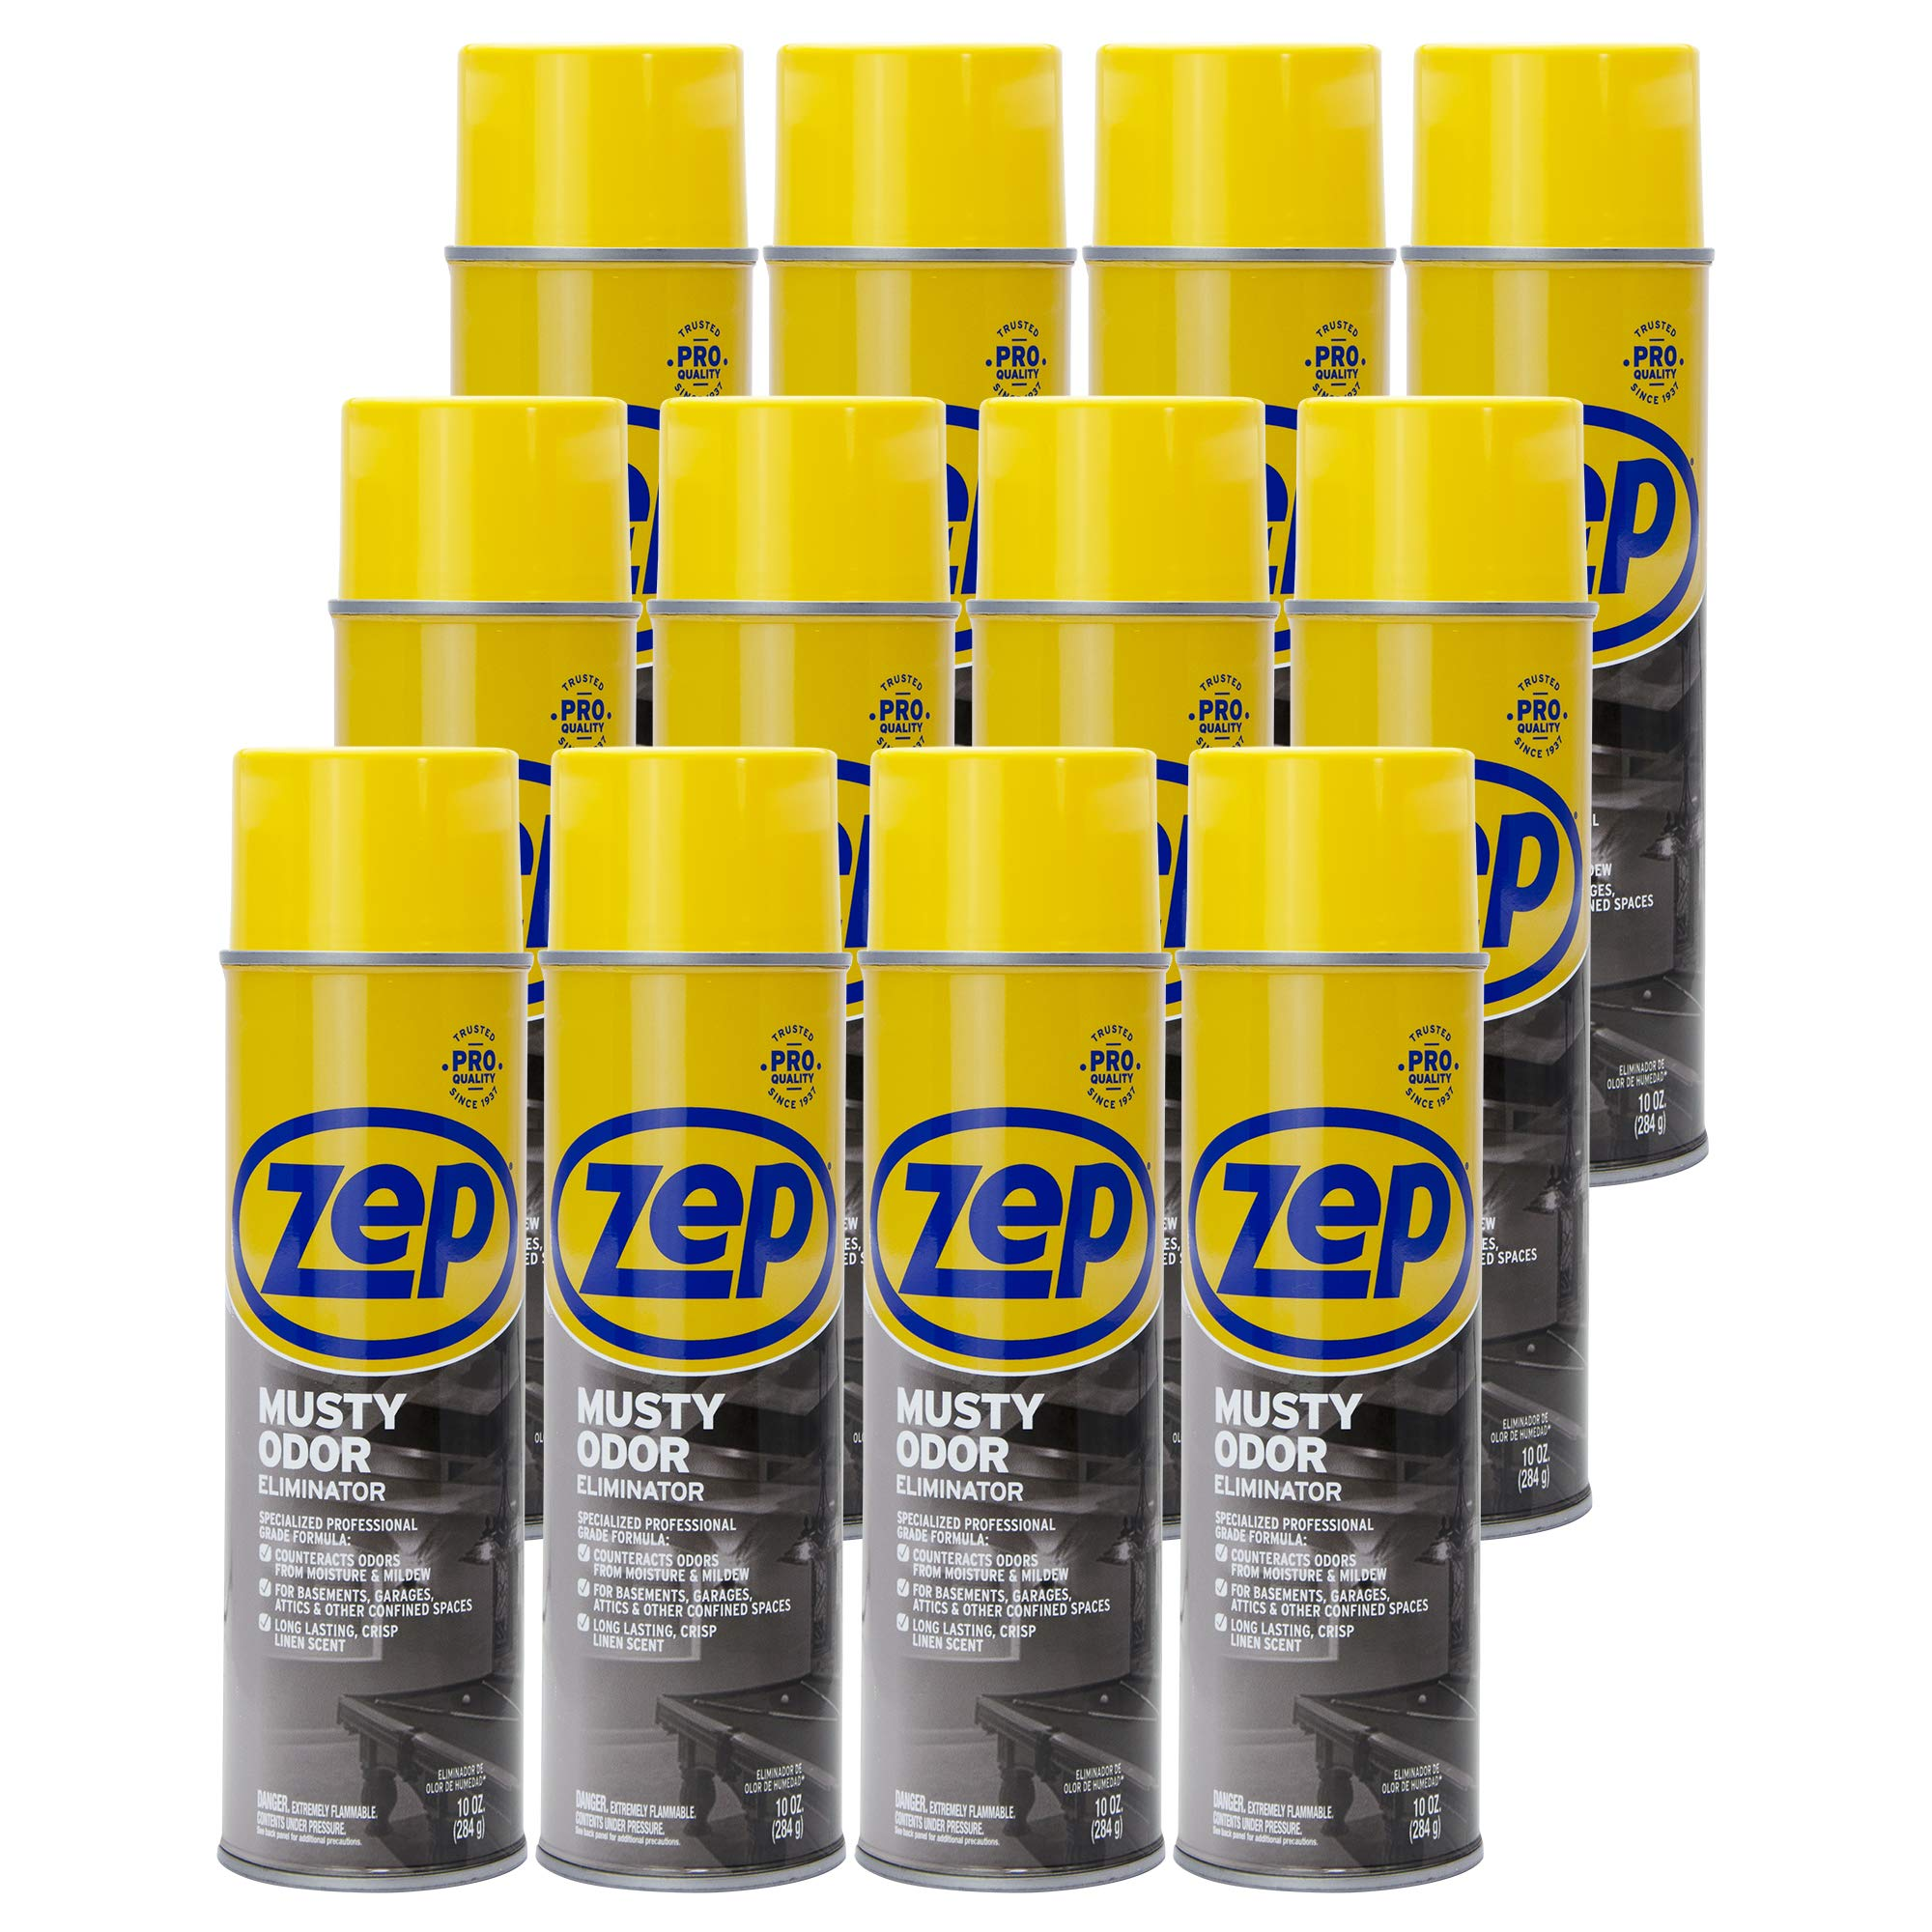 Zep Musty Odor Eliminator 10 Ounce (case of 12) by Zep